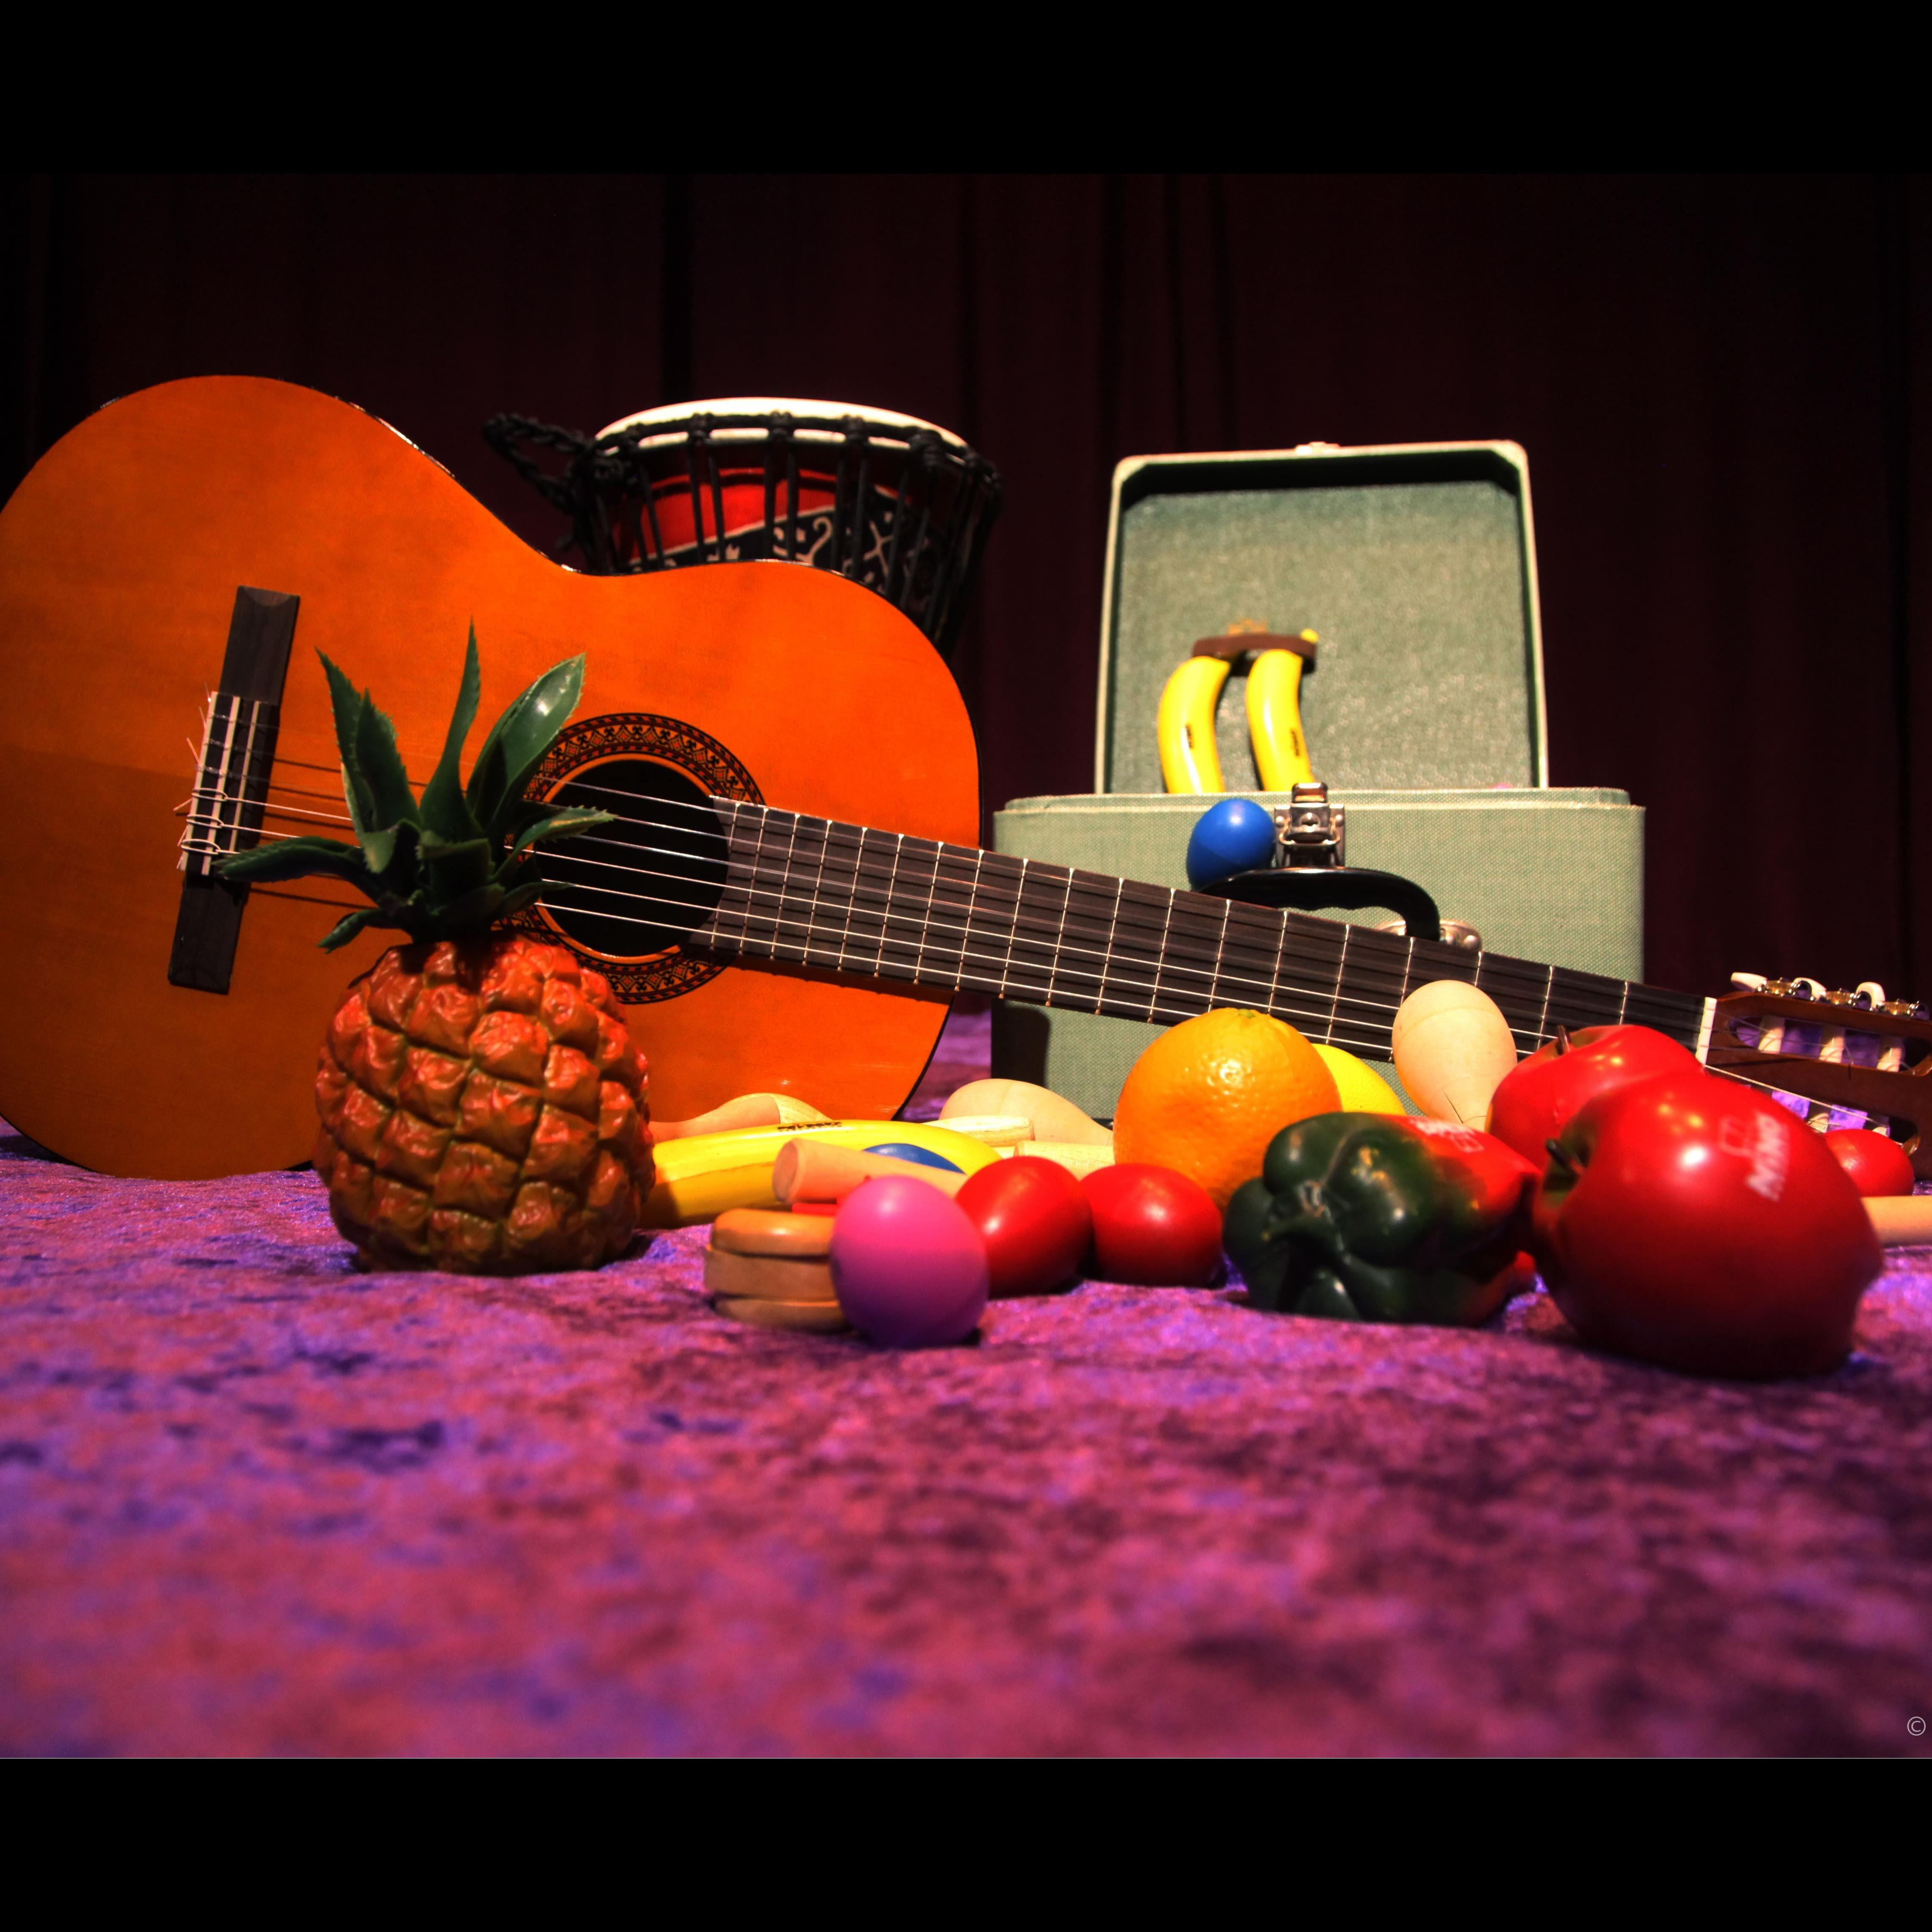 Gitarr och plastfrukter